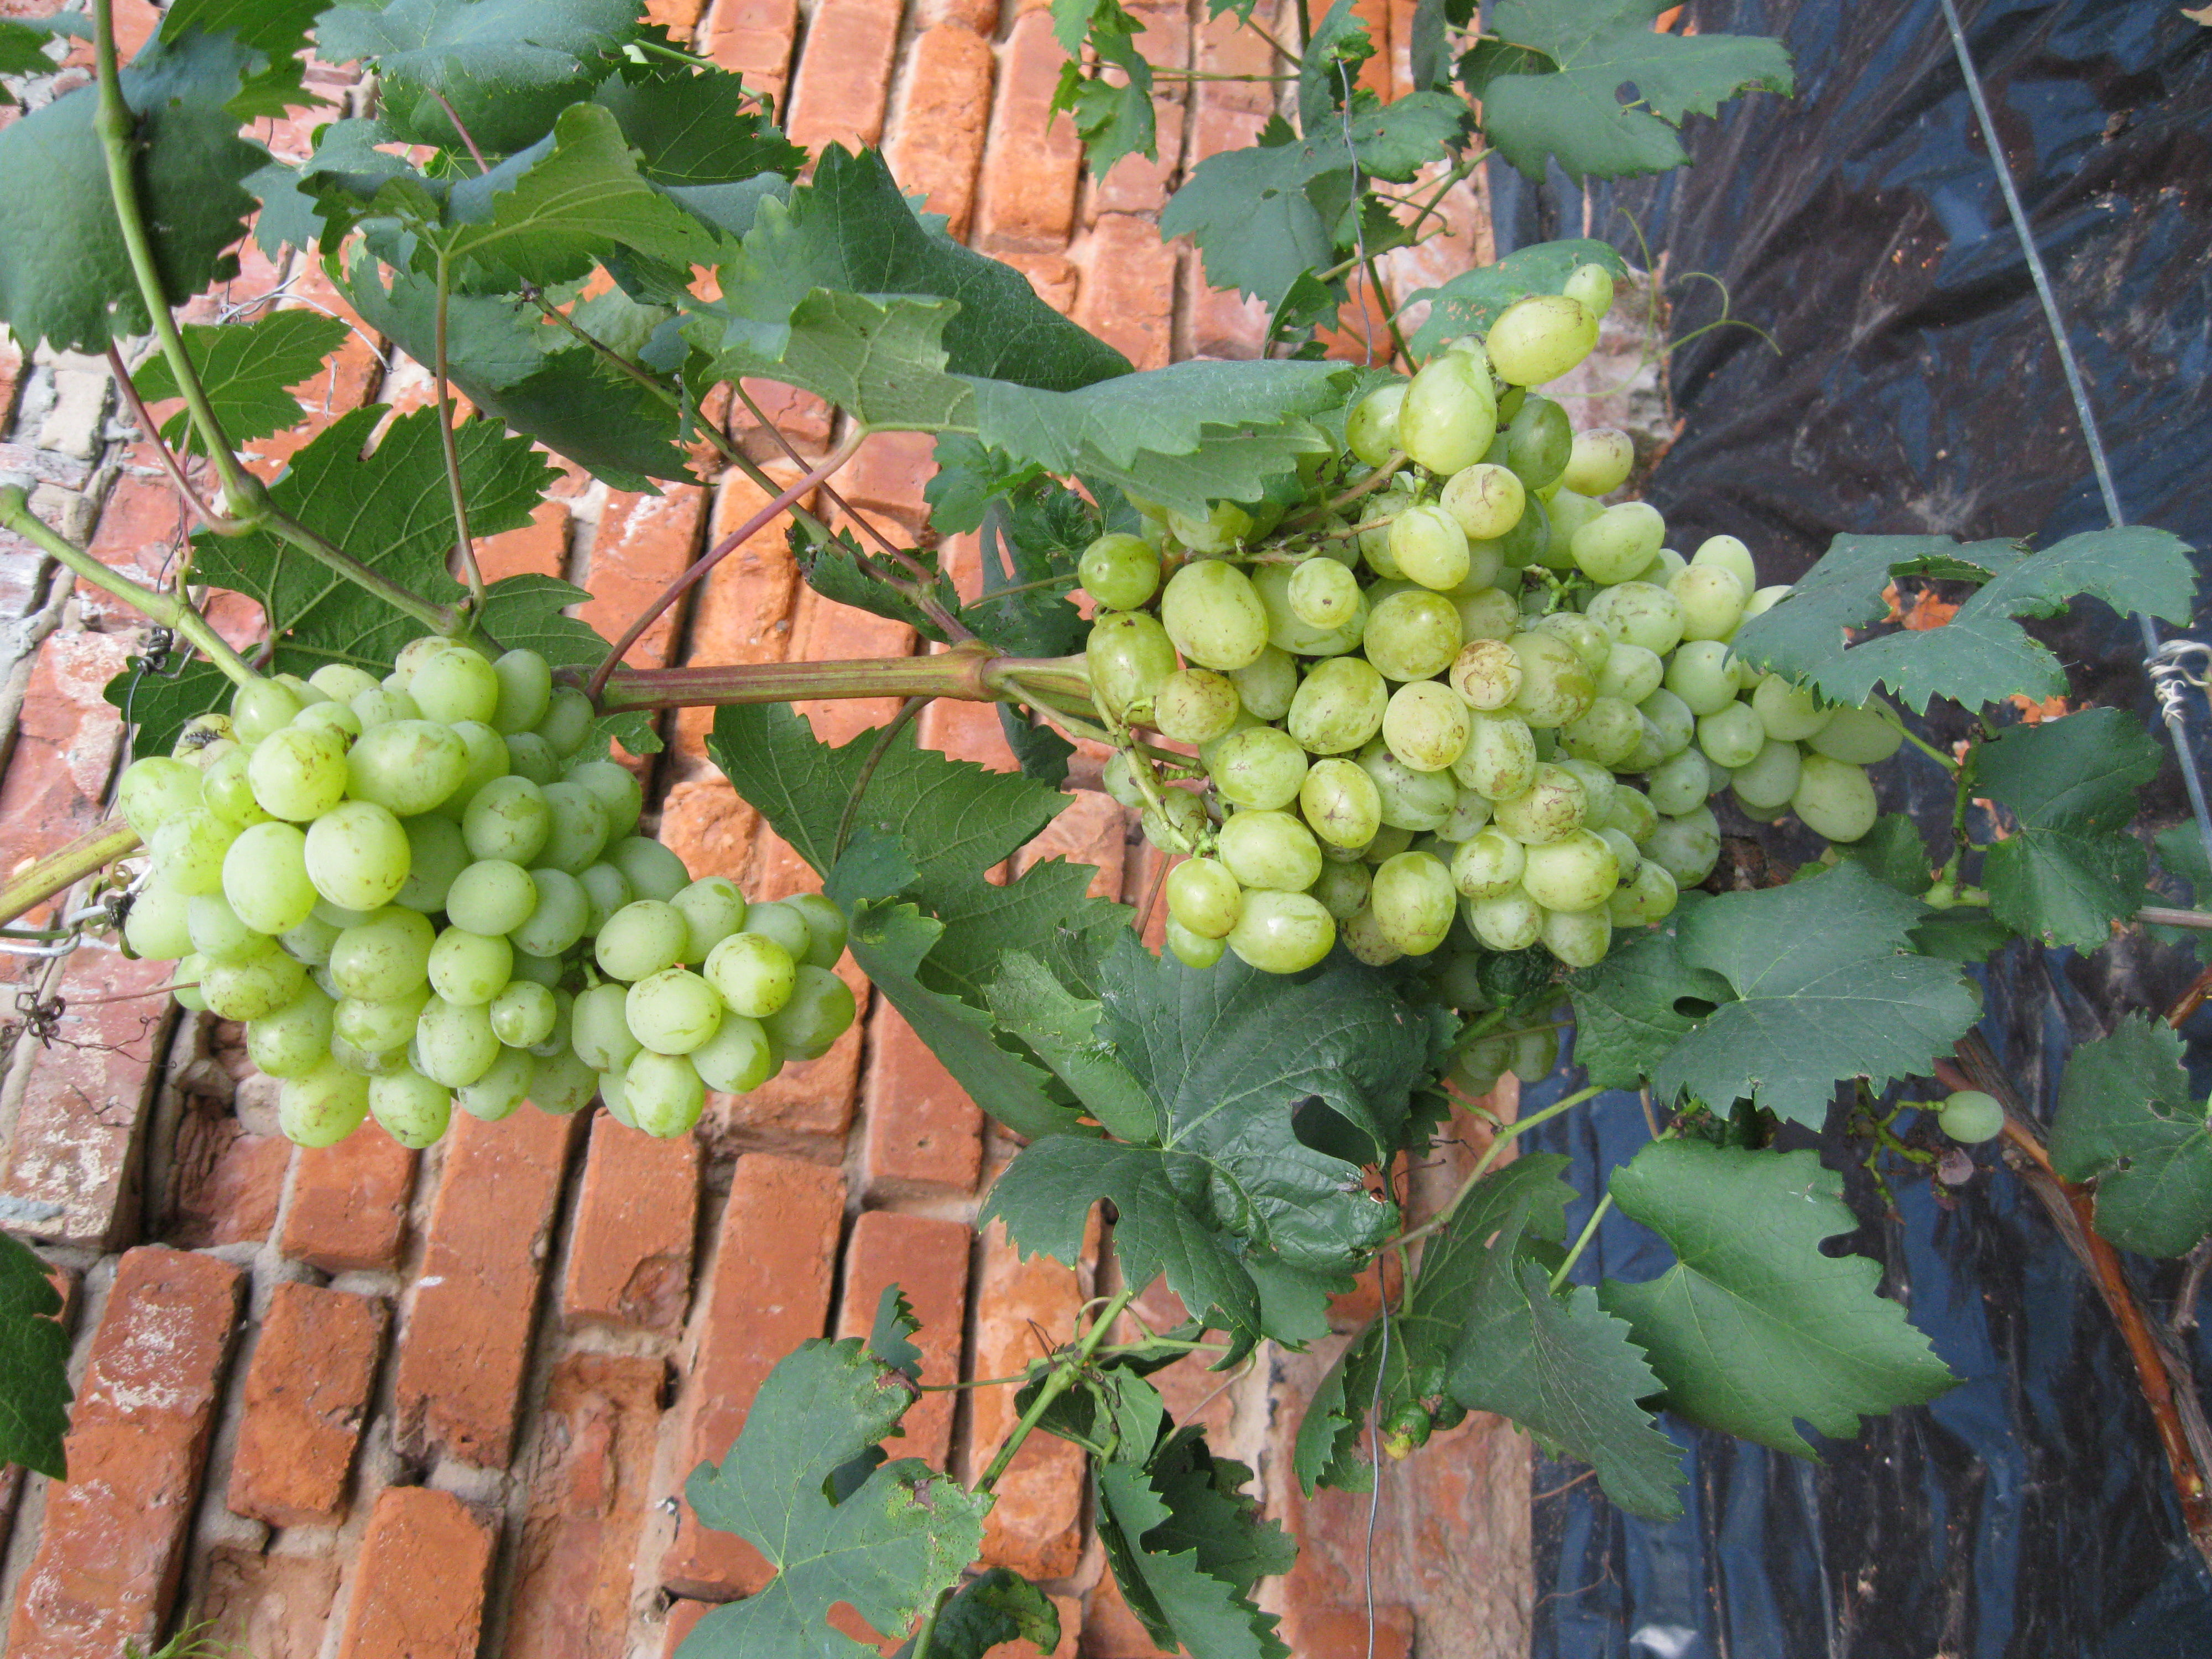 Виноград галахад: описание сорта, фото, характеристики и особенности, история выведения selo.guru — интернет портал о сельском хозяйстве